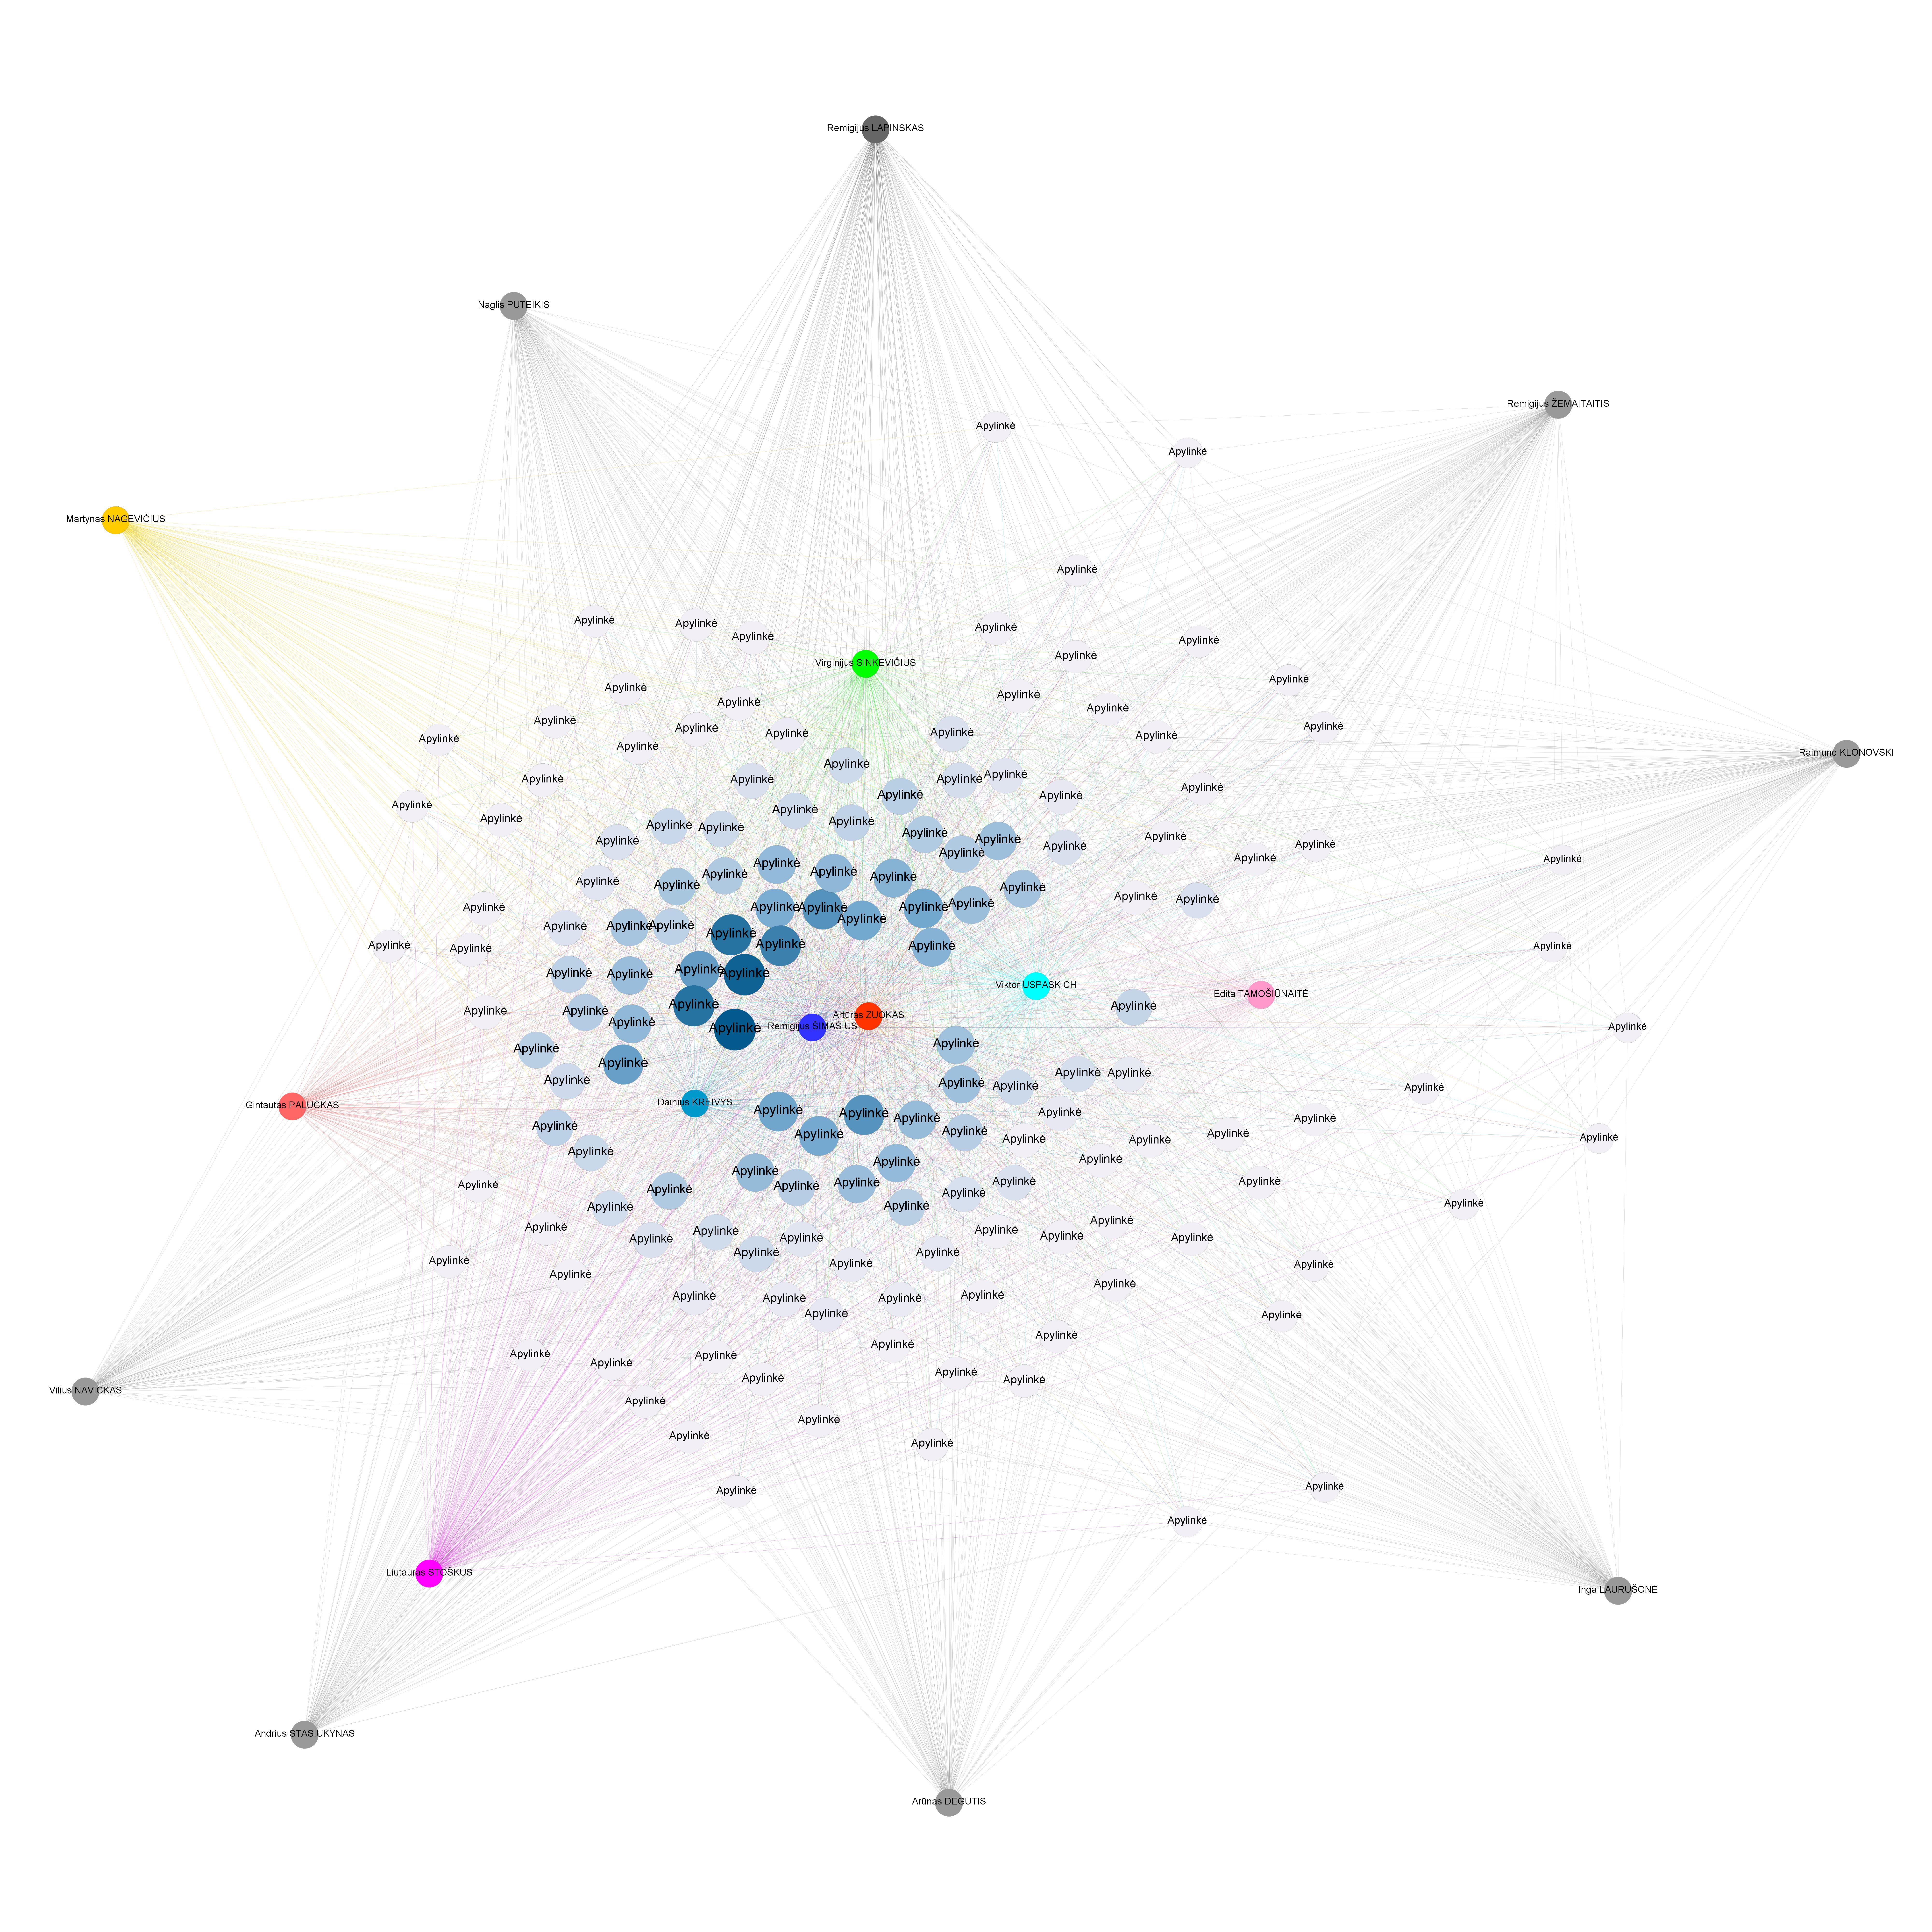 Pirmojo turo mero rinkimų tinklo diagrama.